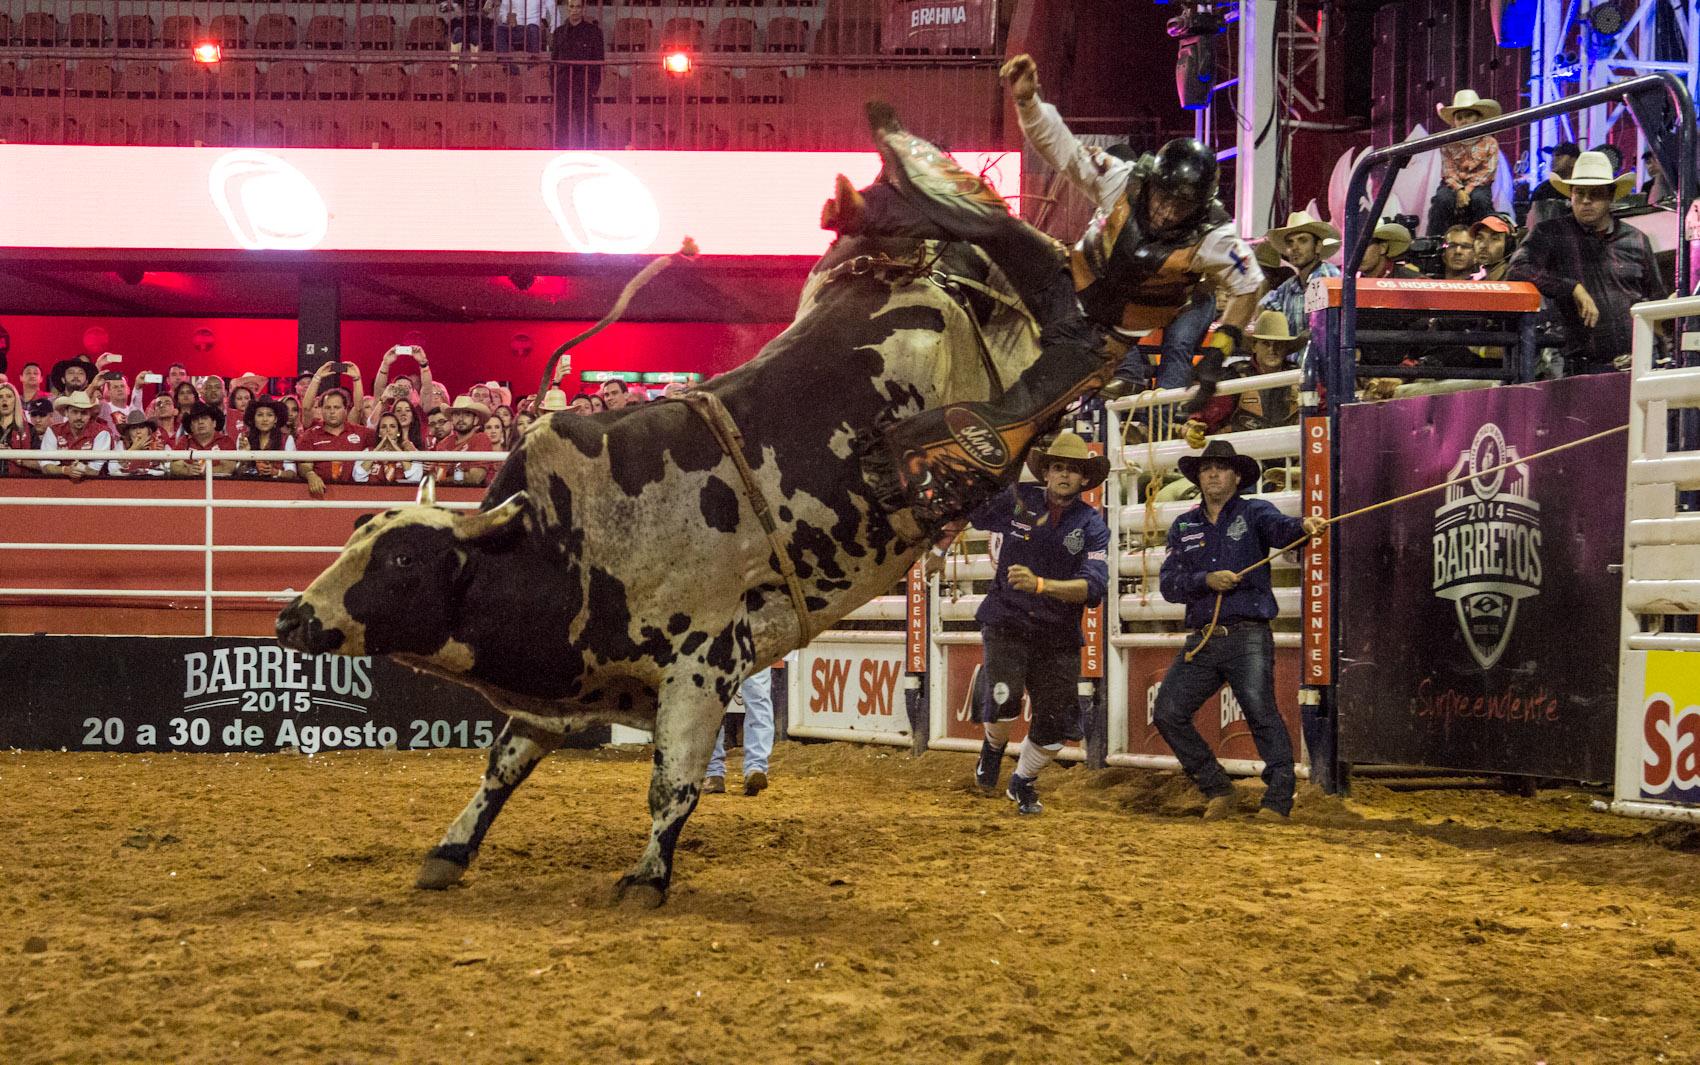 Peão compete em prova de montaria no rodeio internacional da Festa do Peão de Barretos